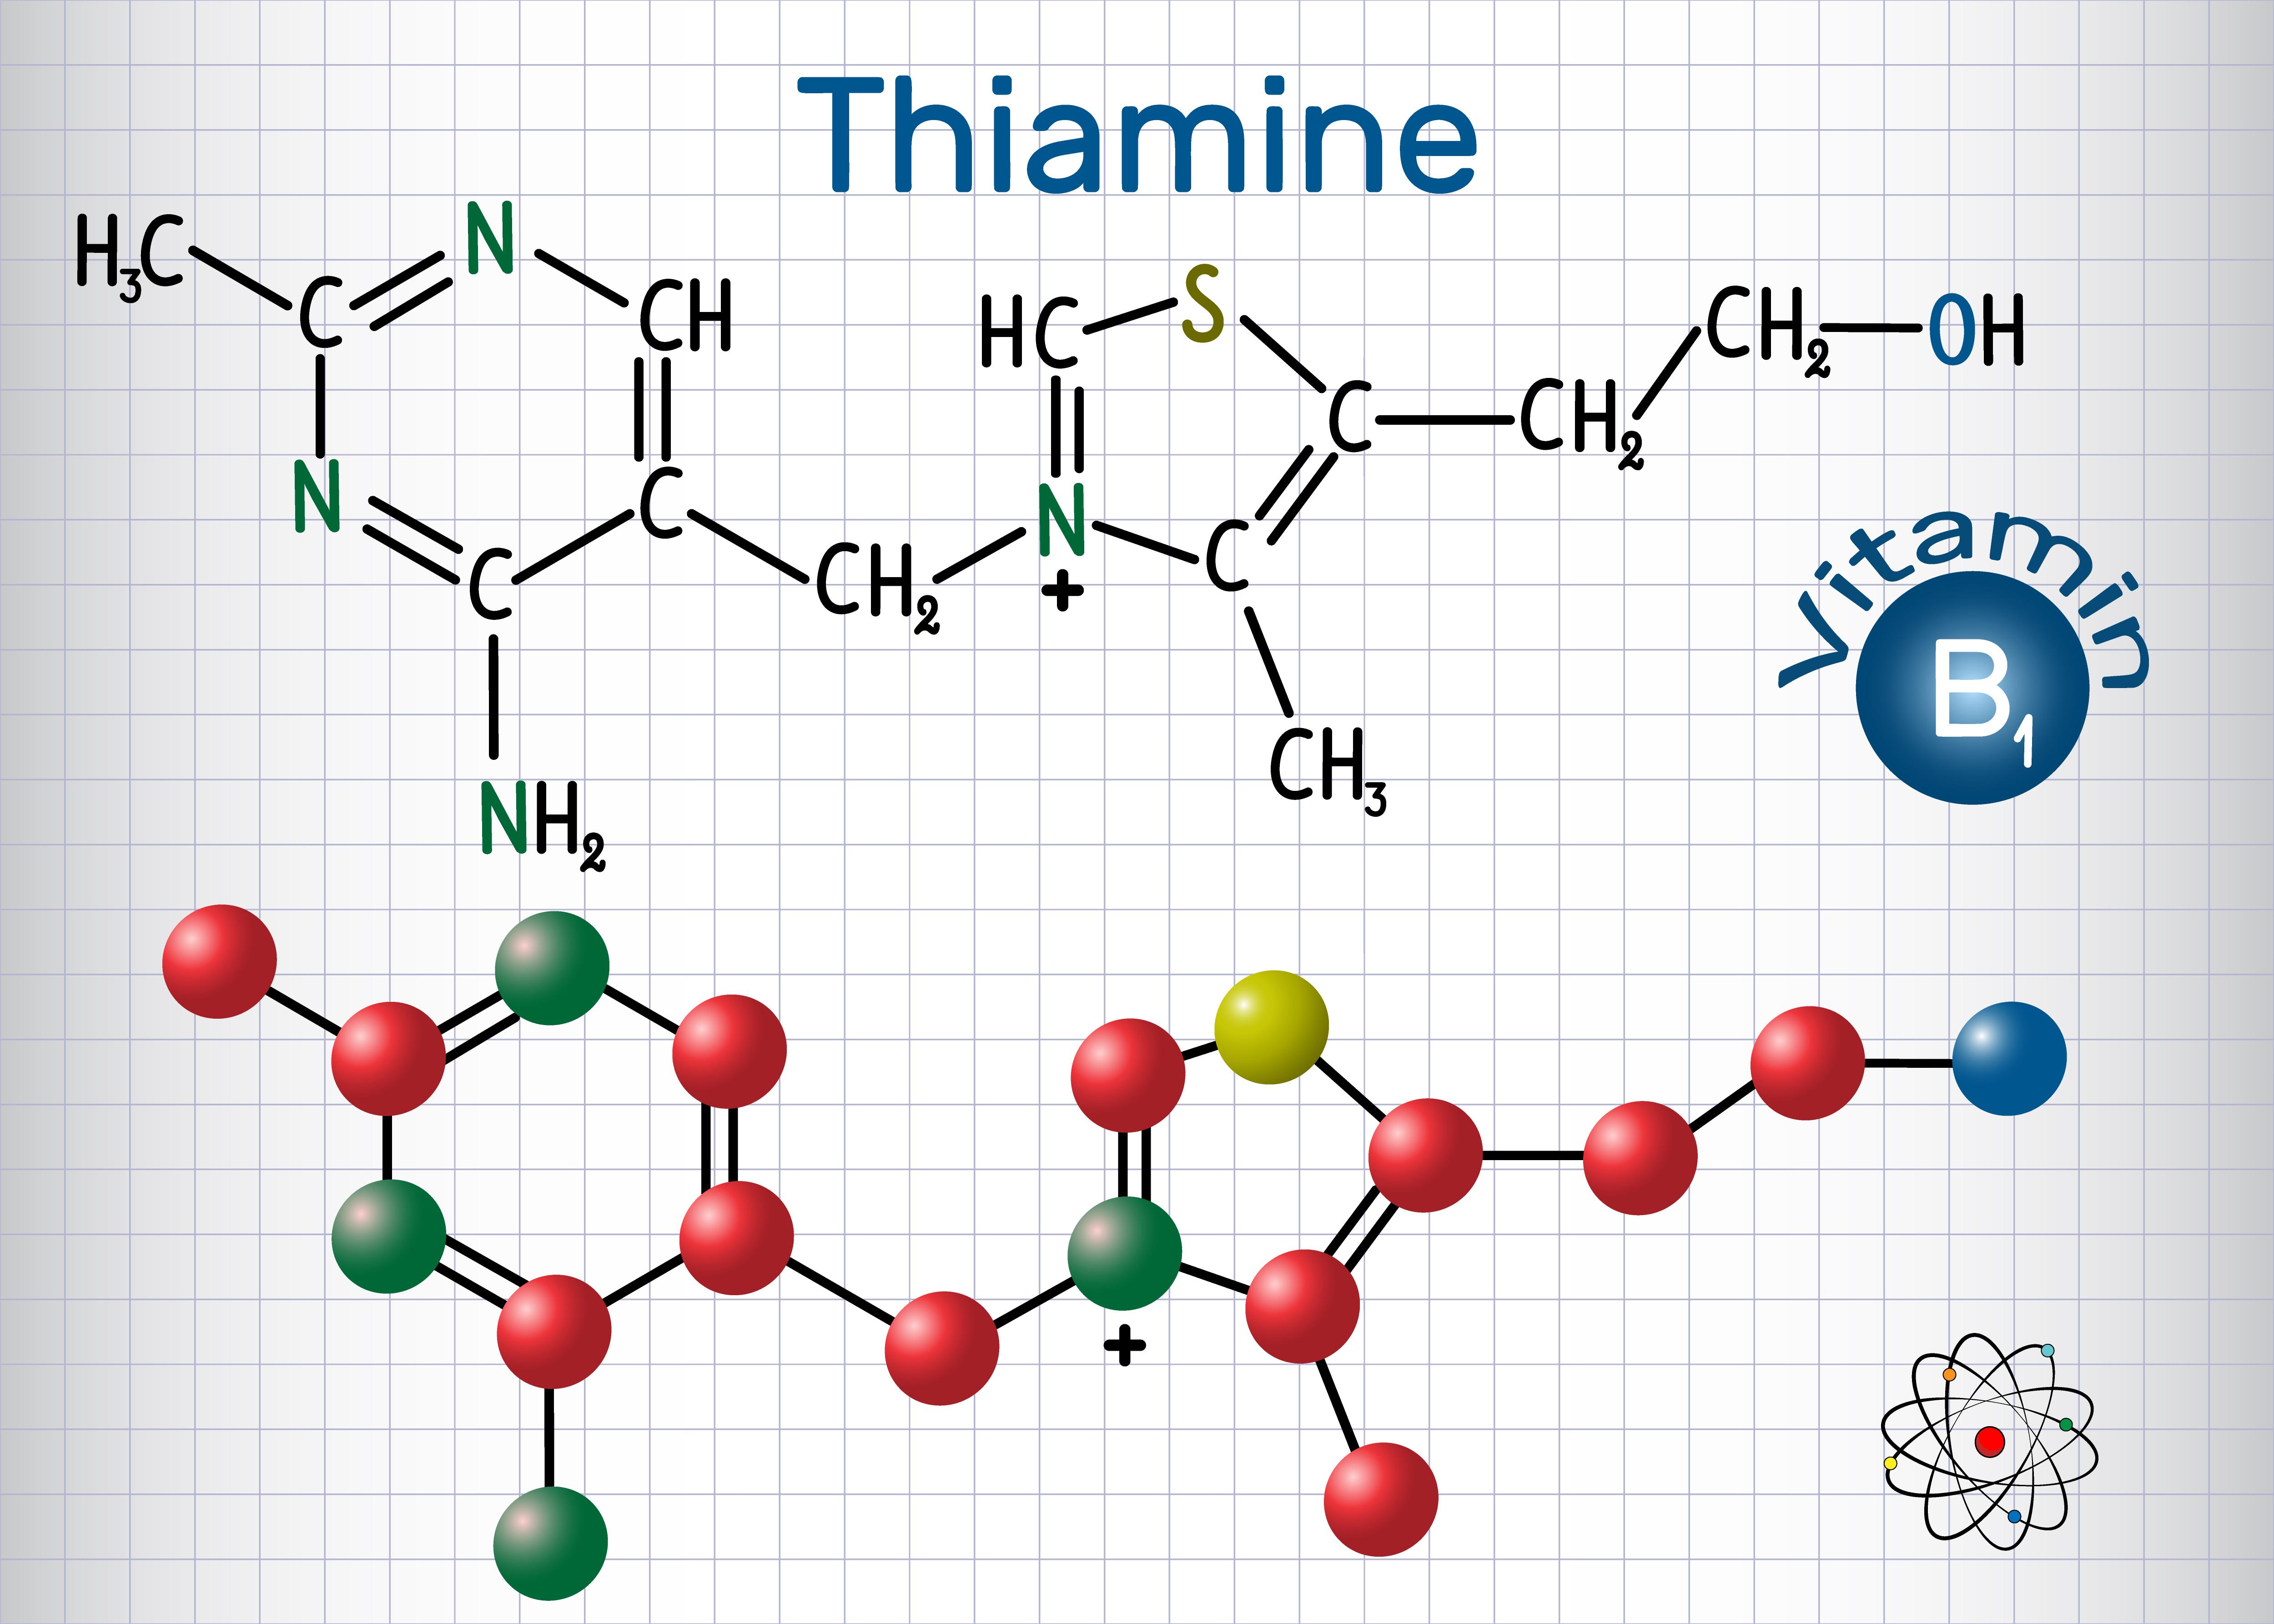 Vitamin B1 (Thiamine) chemical formulation